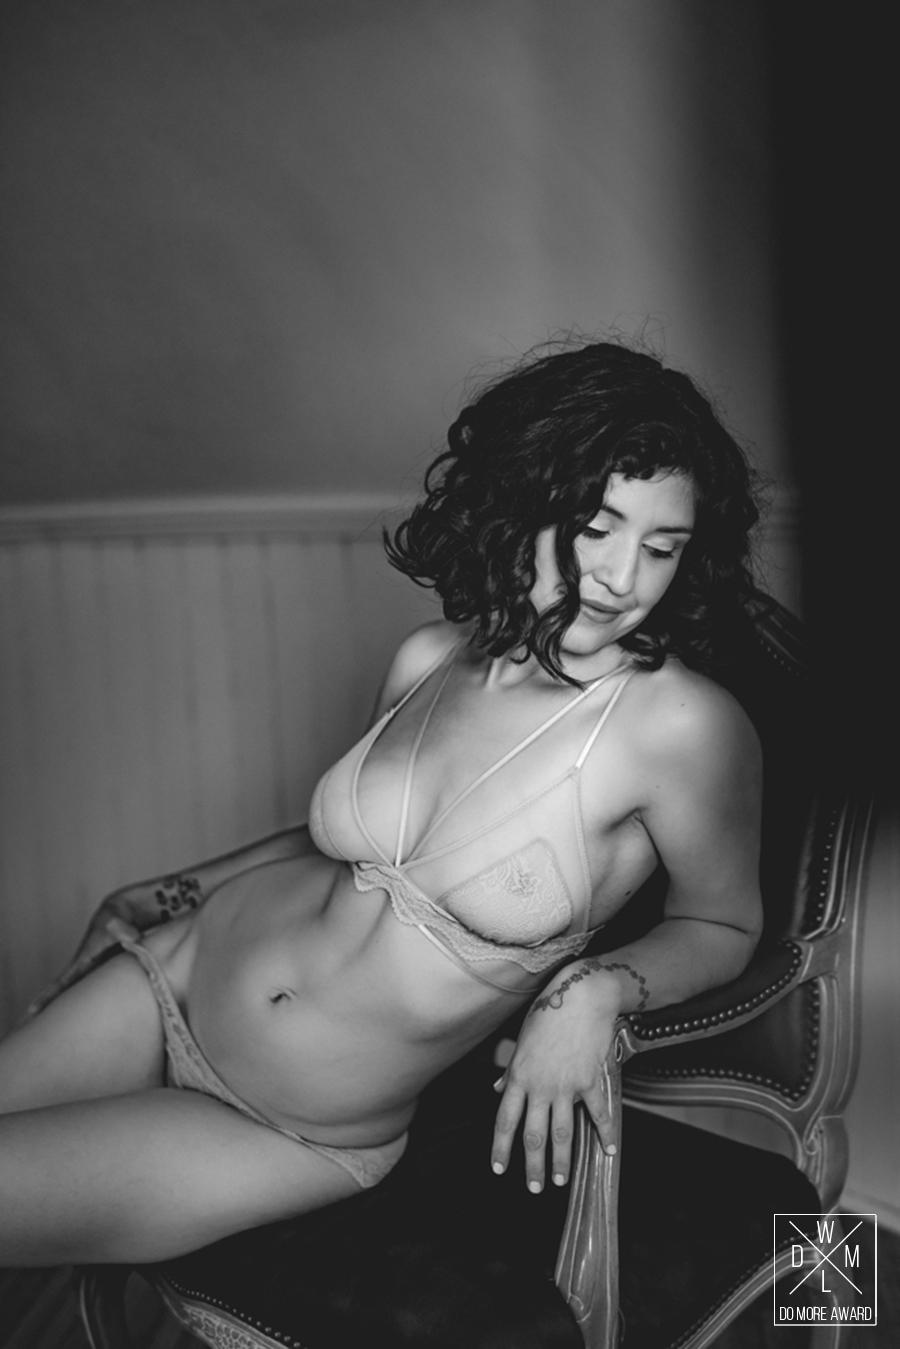 @jj.boudoir